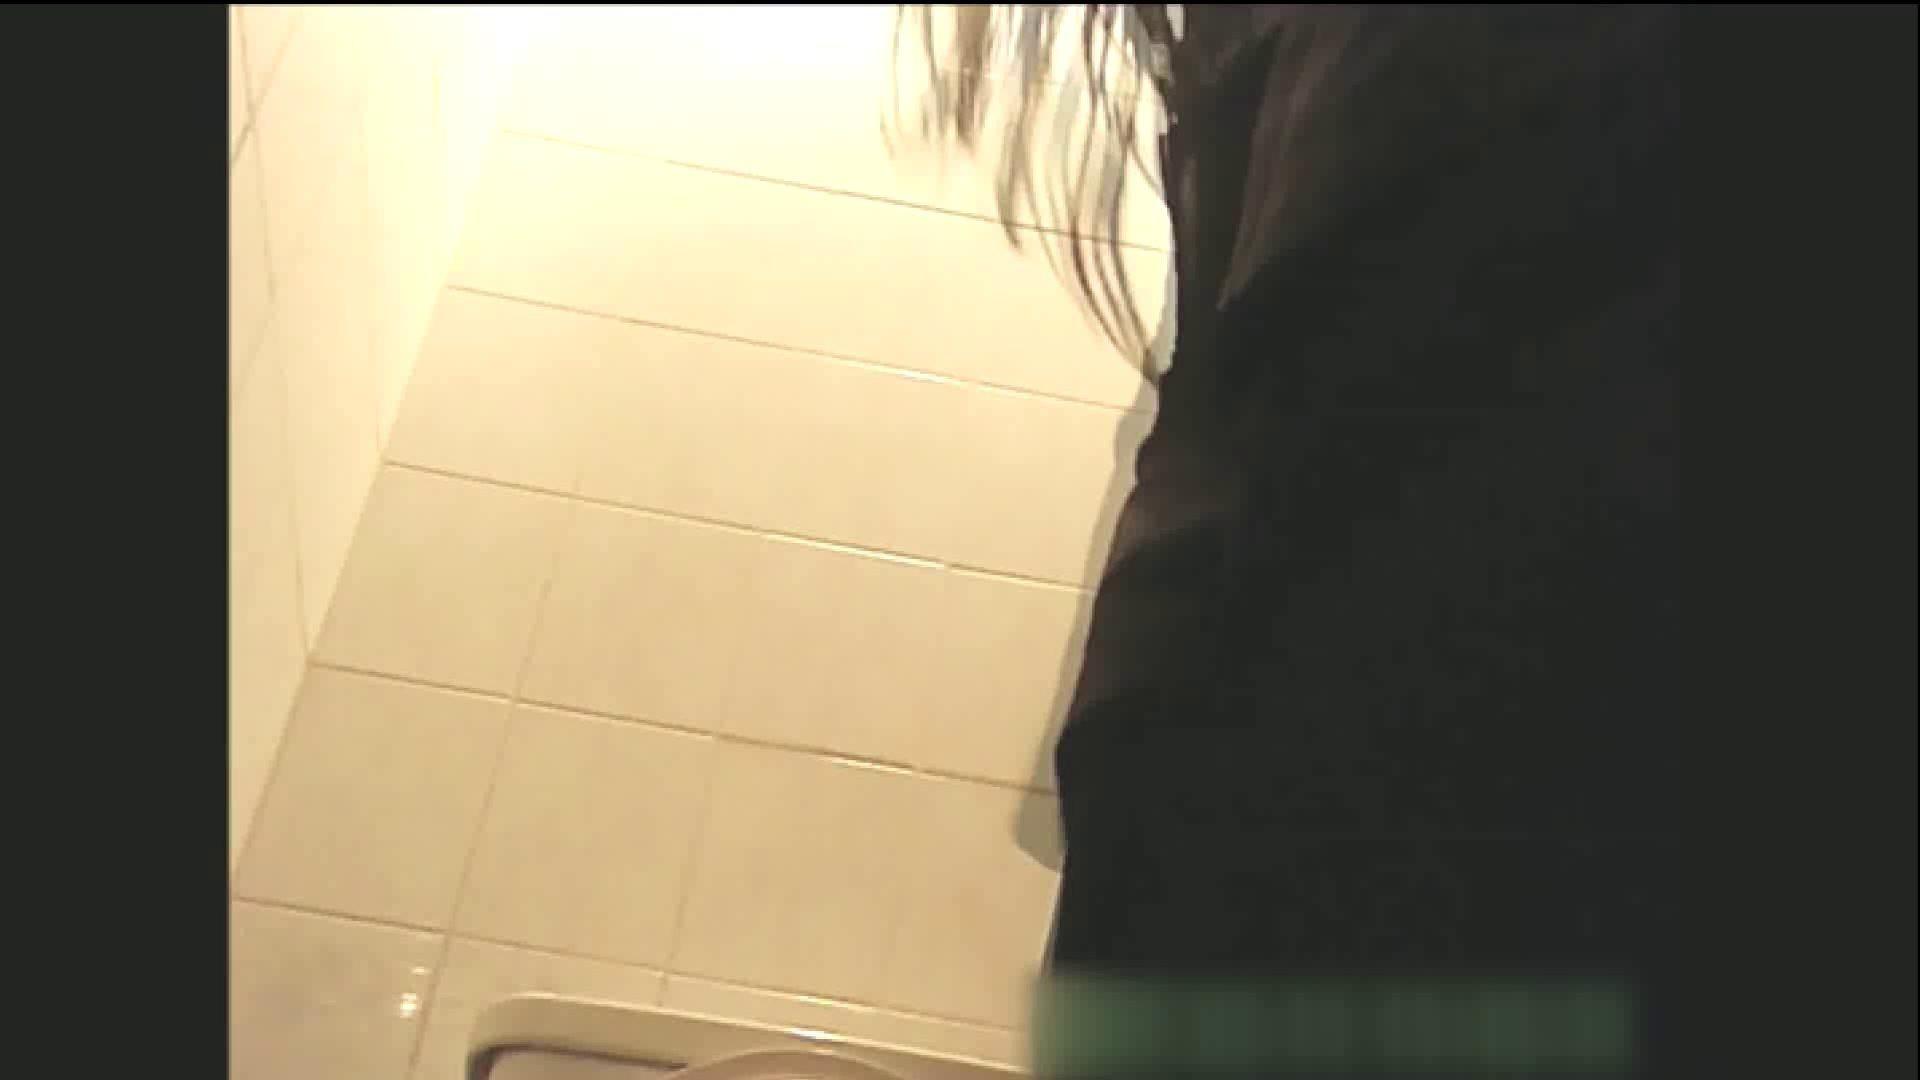 実録!!綺麗なお姉さんのトイレ事情・・・。vol.10 お姉さんのヌード オメコ無修正動画無料 92画像 35